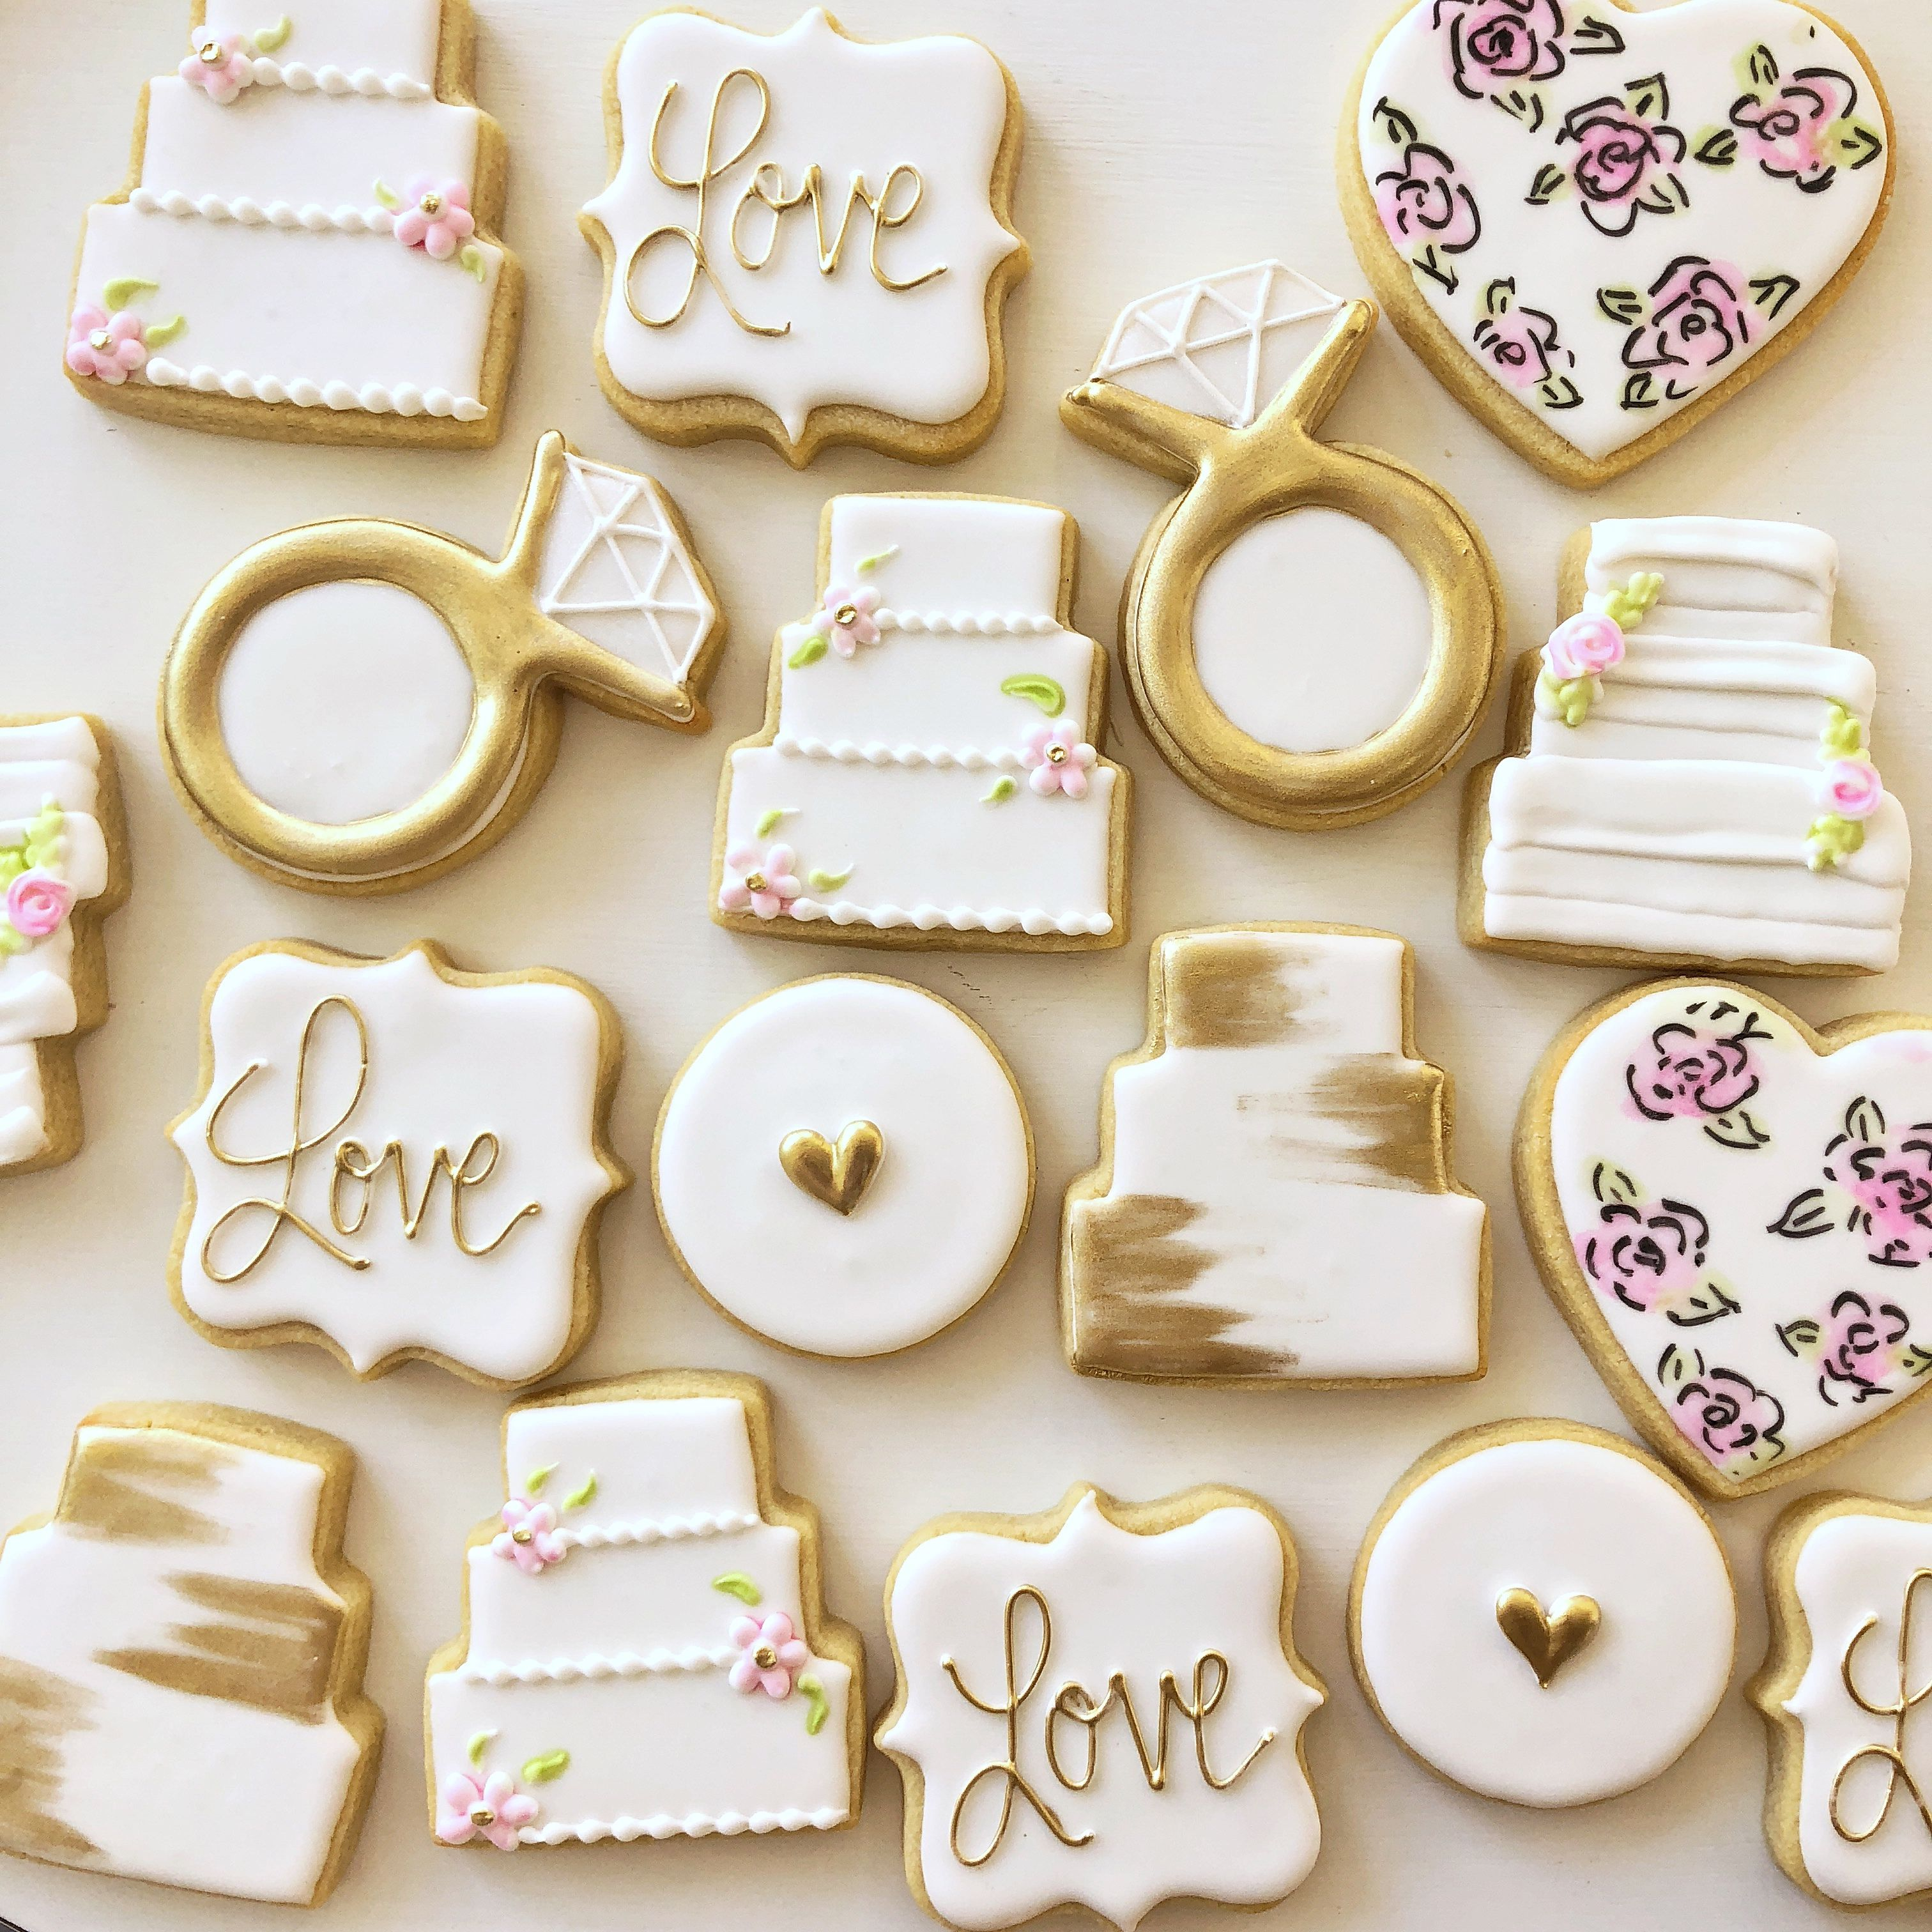 Edible Wedding Favors Decorated Sugar Cookies Wedding Shower Cookies Cookie Wedding Favors Bridal Cookies